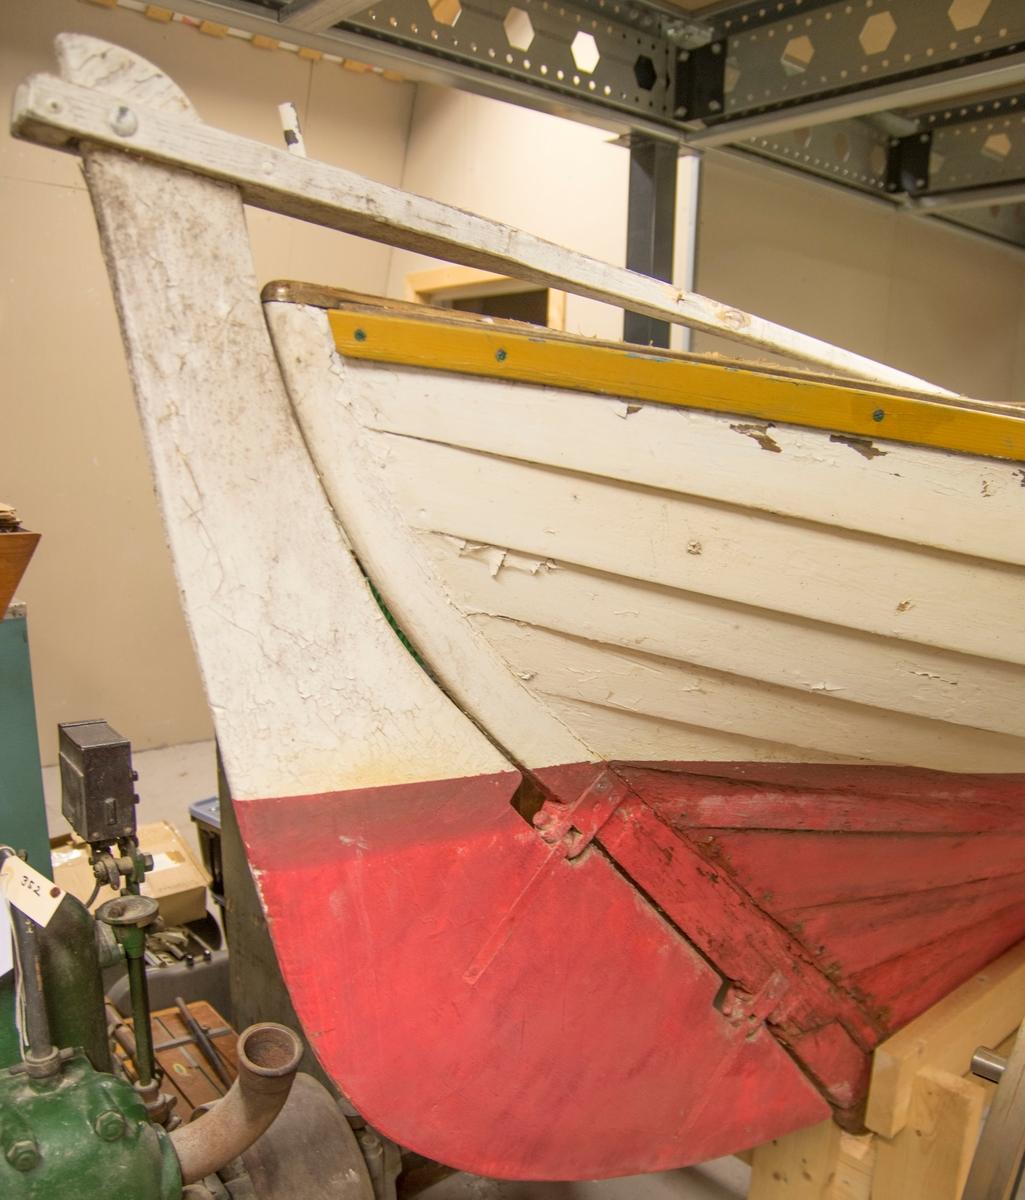 O.S. seilsnekke av tre - furu på eik. Klinkbygd, åtte bordganger. Reg.nr: O.S.-28